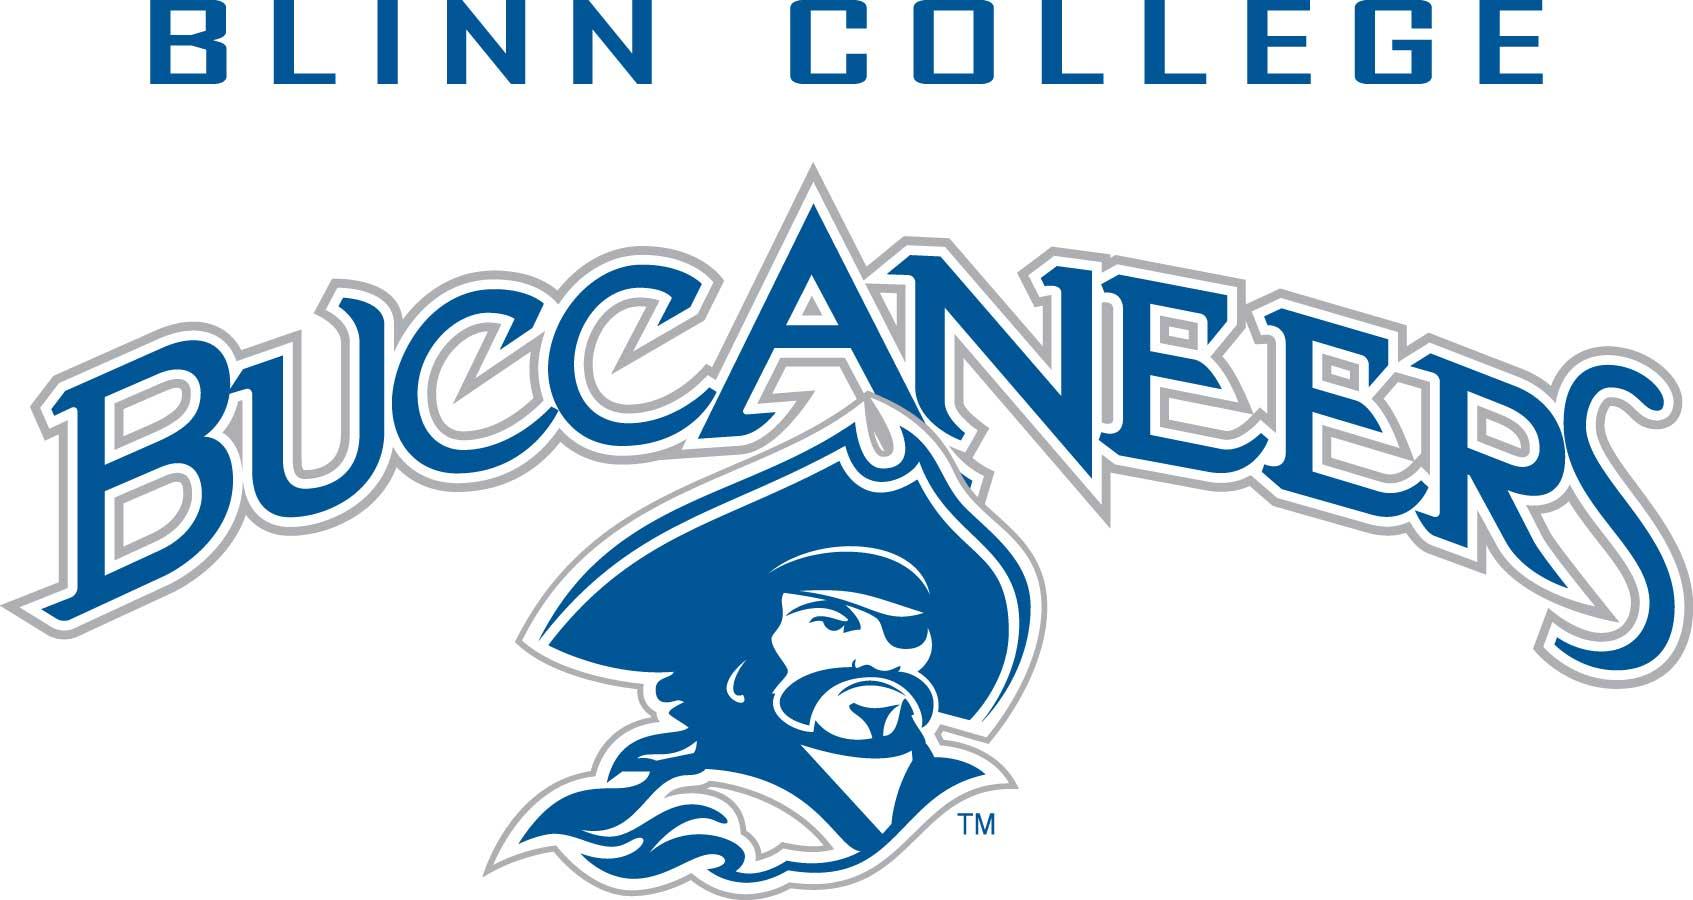 Blinn College 108